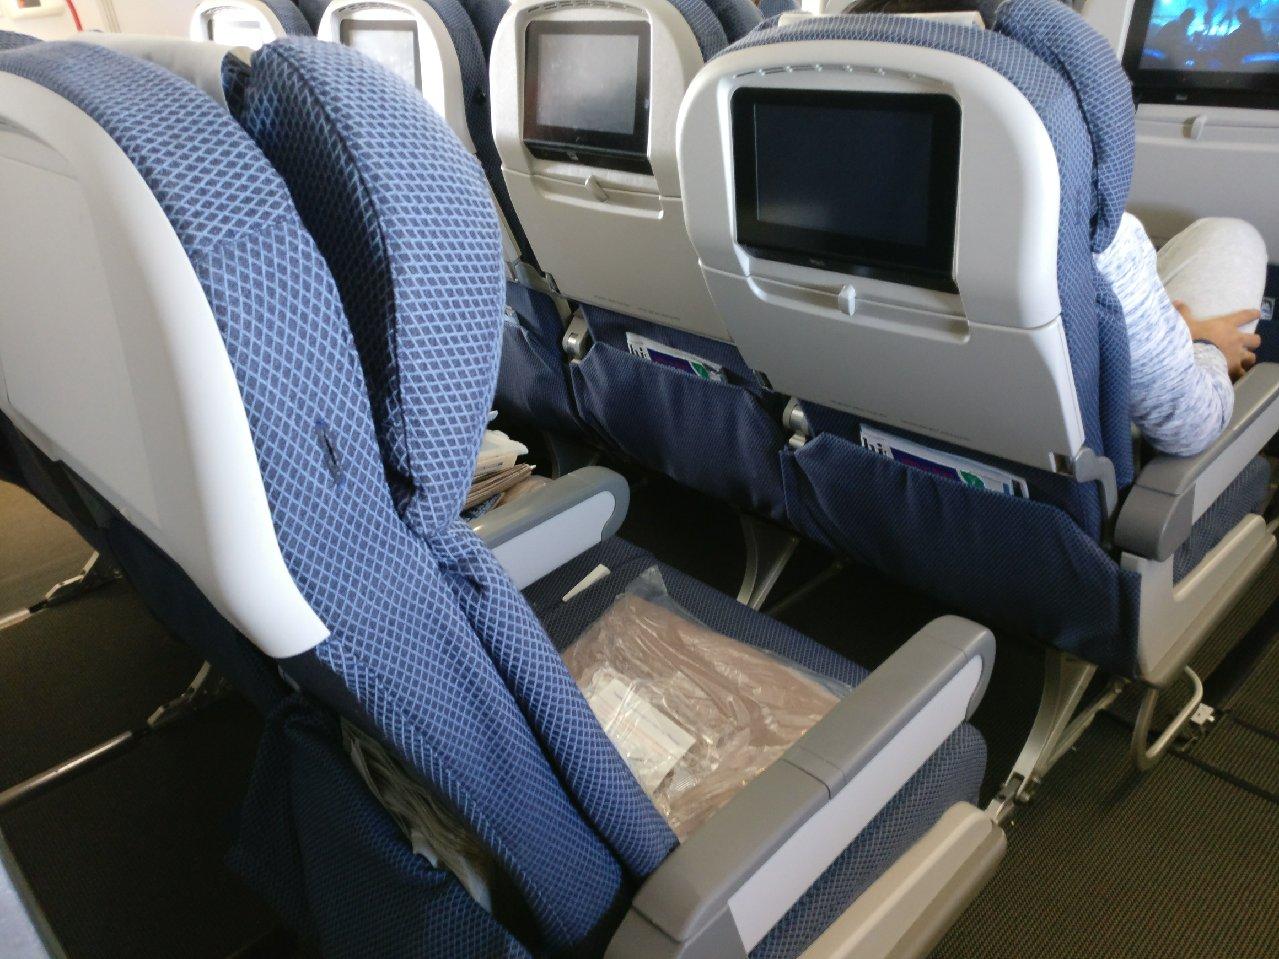 British Airways World Traveller Seat